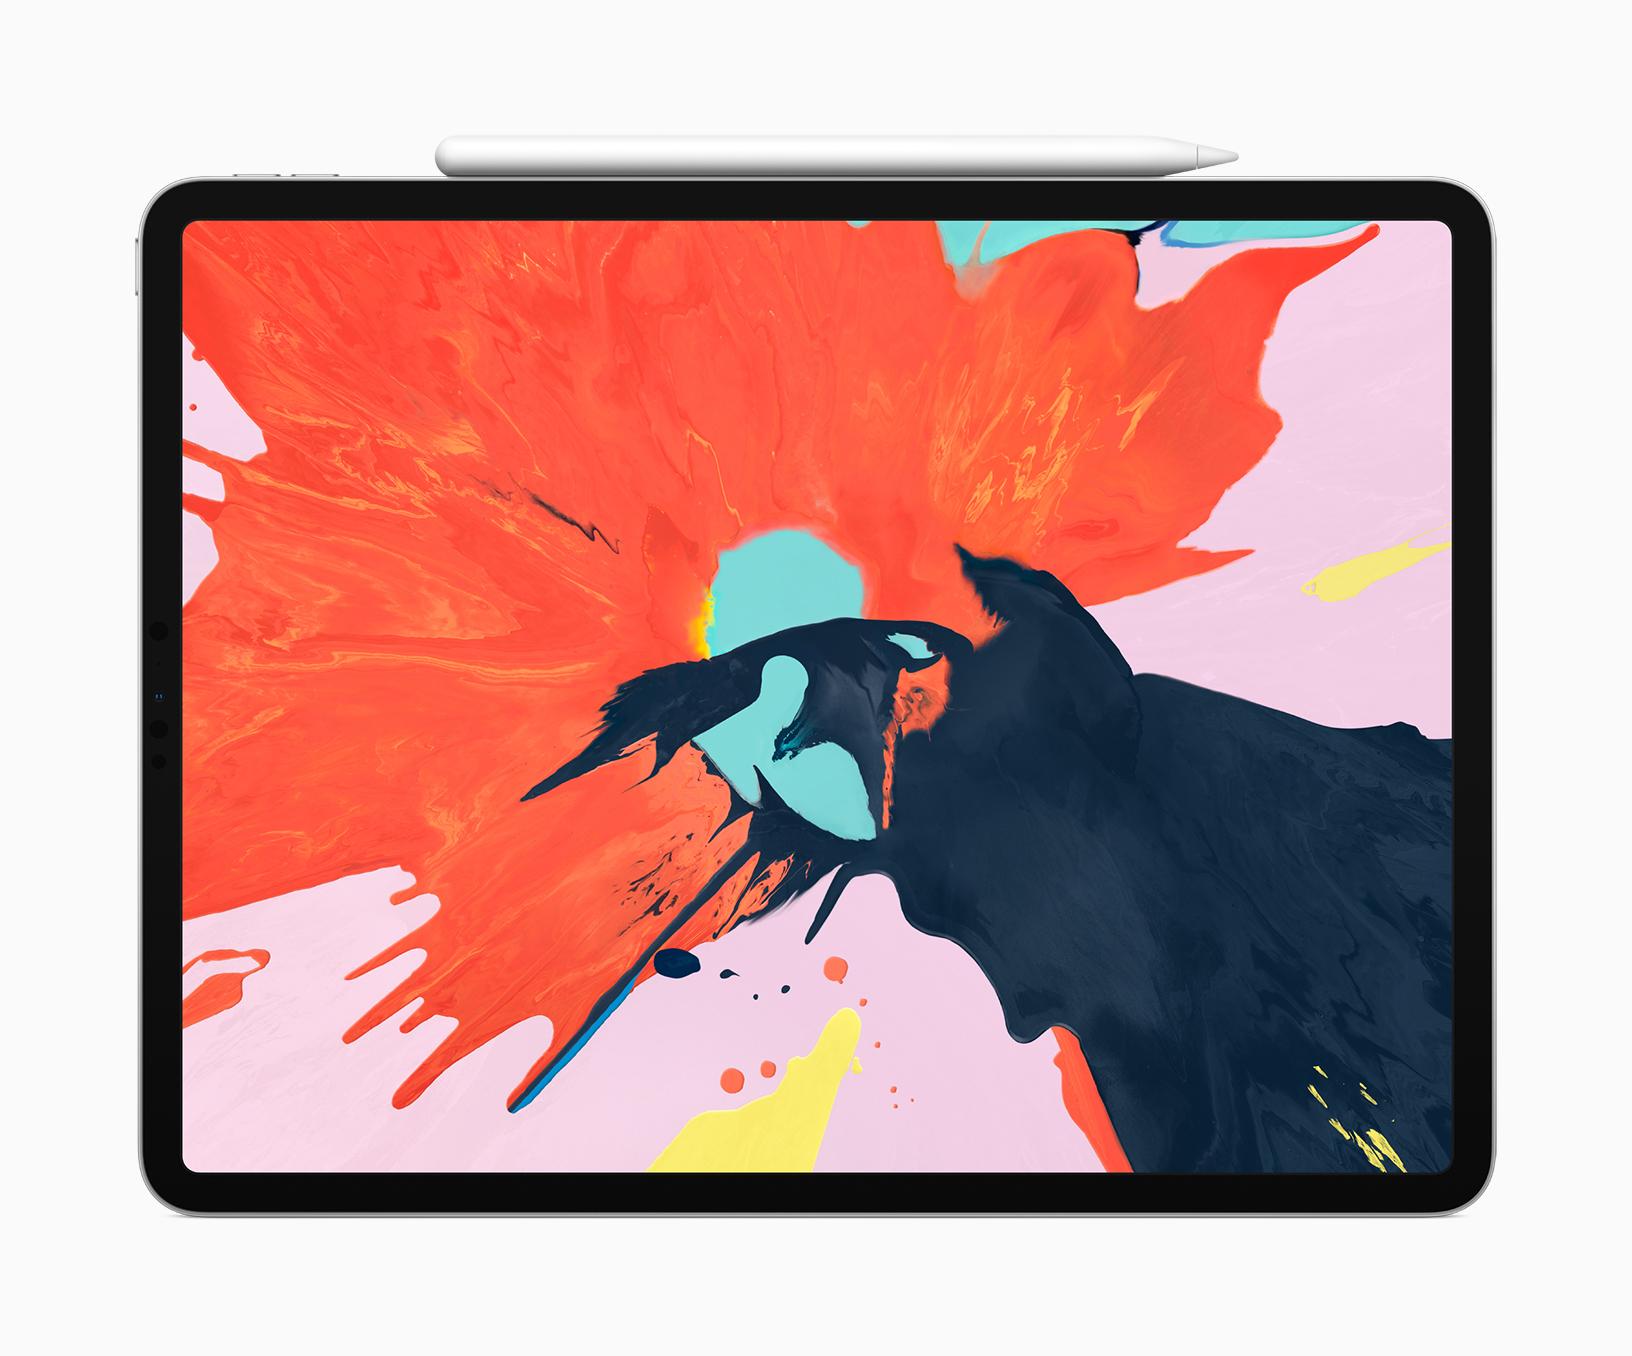 iPad Pro 2018 + Apple Pencil 2 und USB-C ergeben sich viele Möglichkeiten